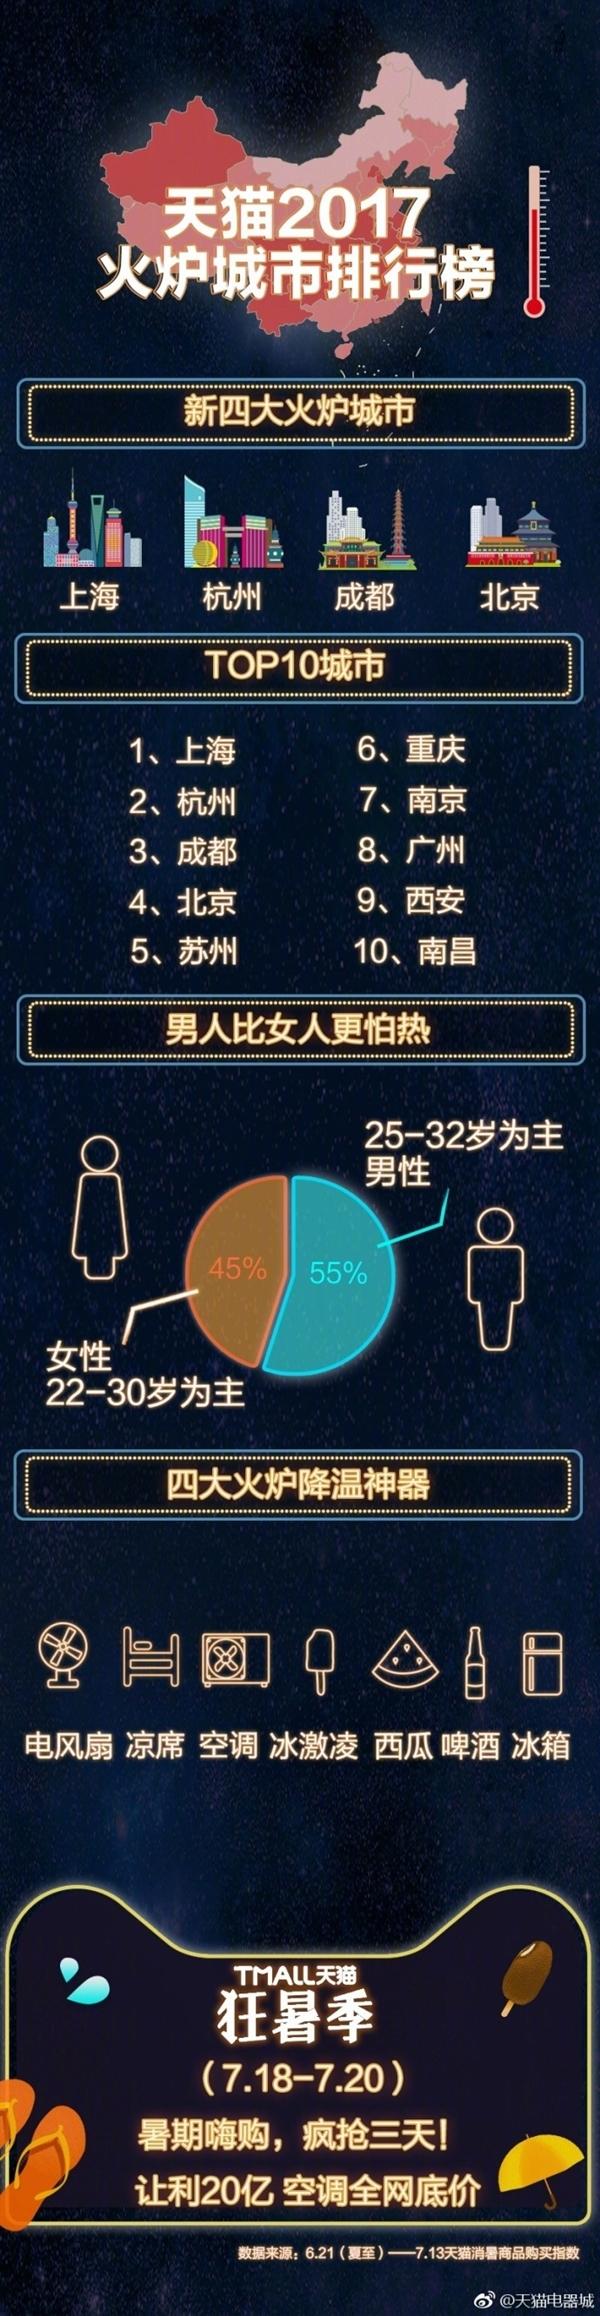 """天猫评中国新""""四大火炉"""" 有你家吗?"""